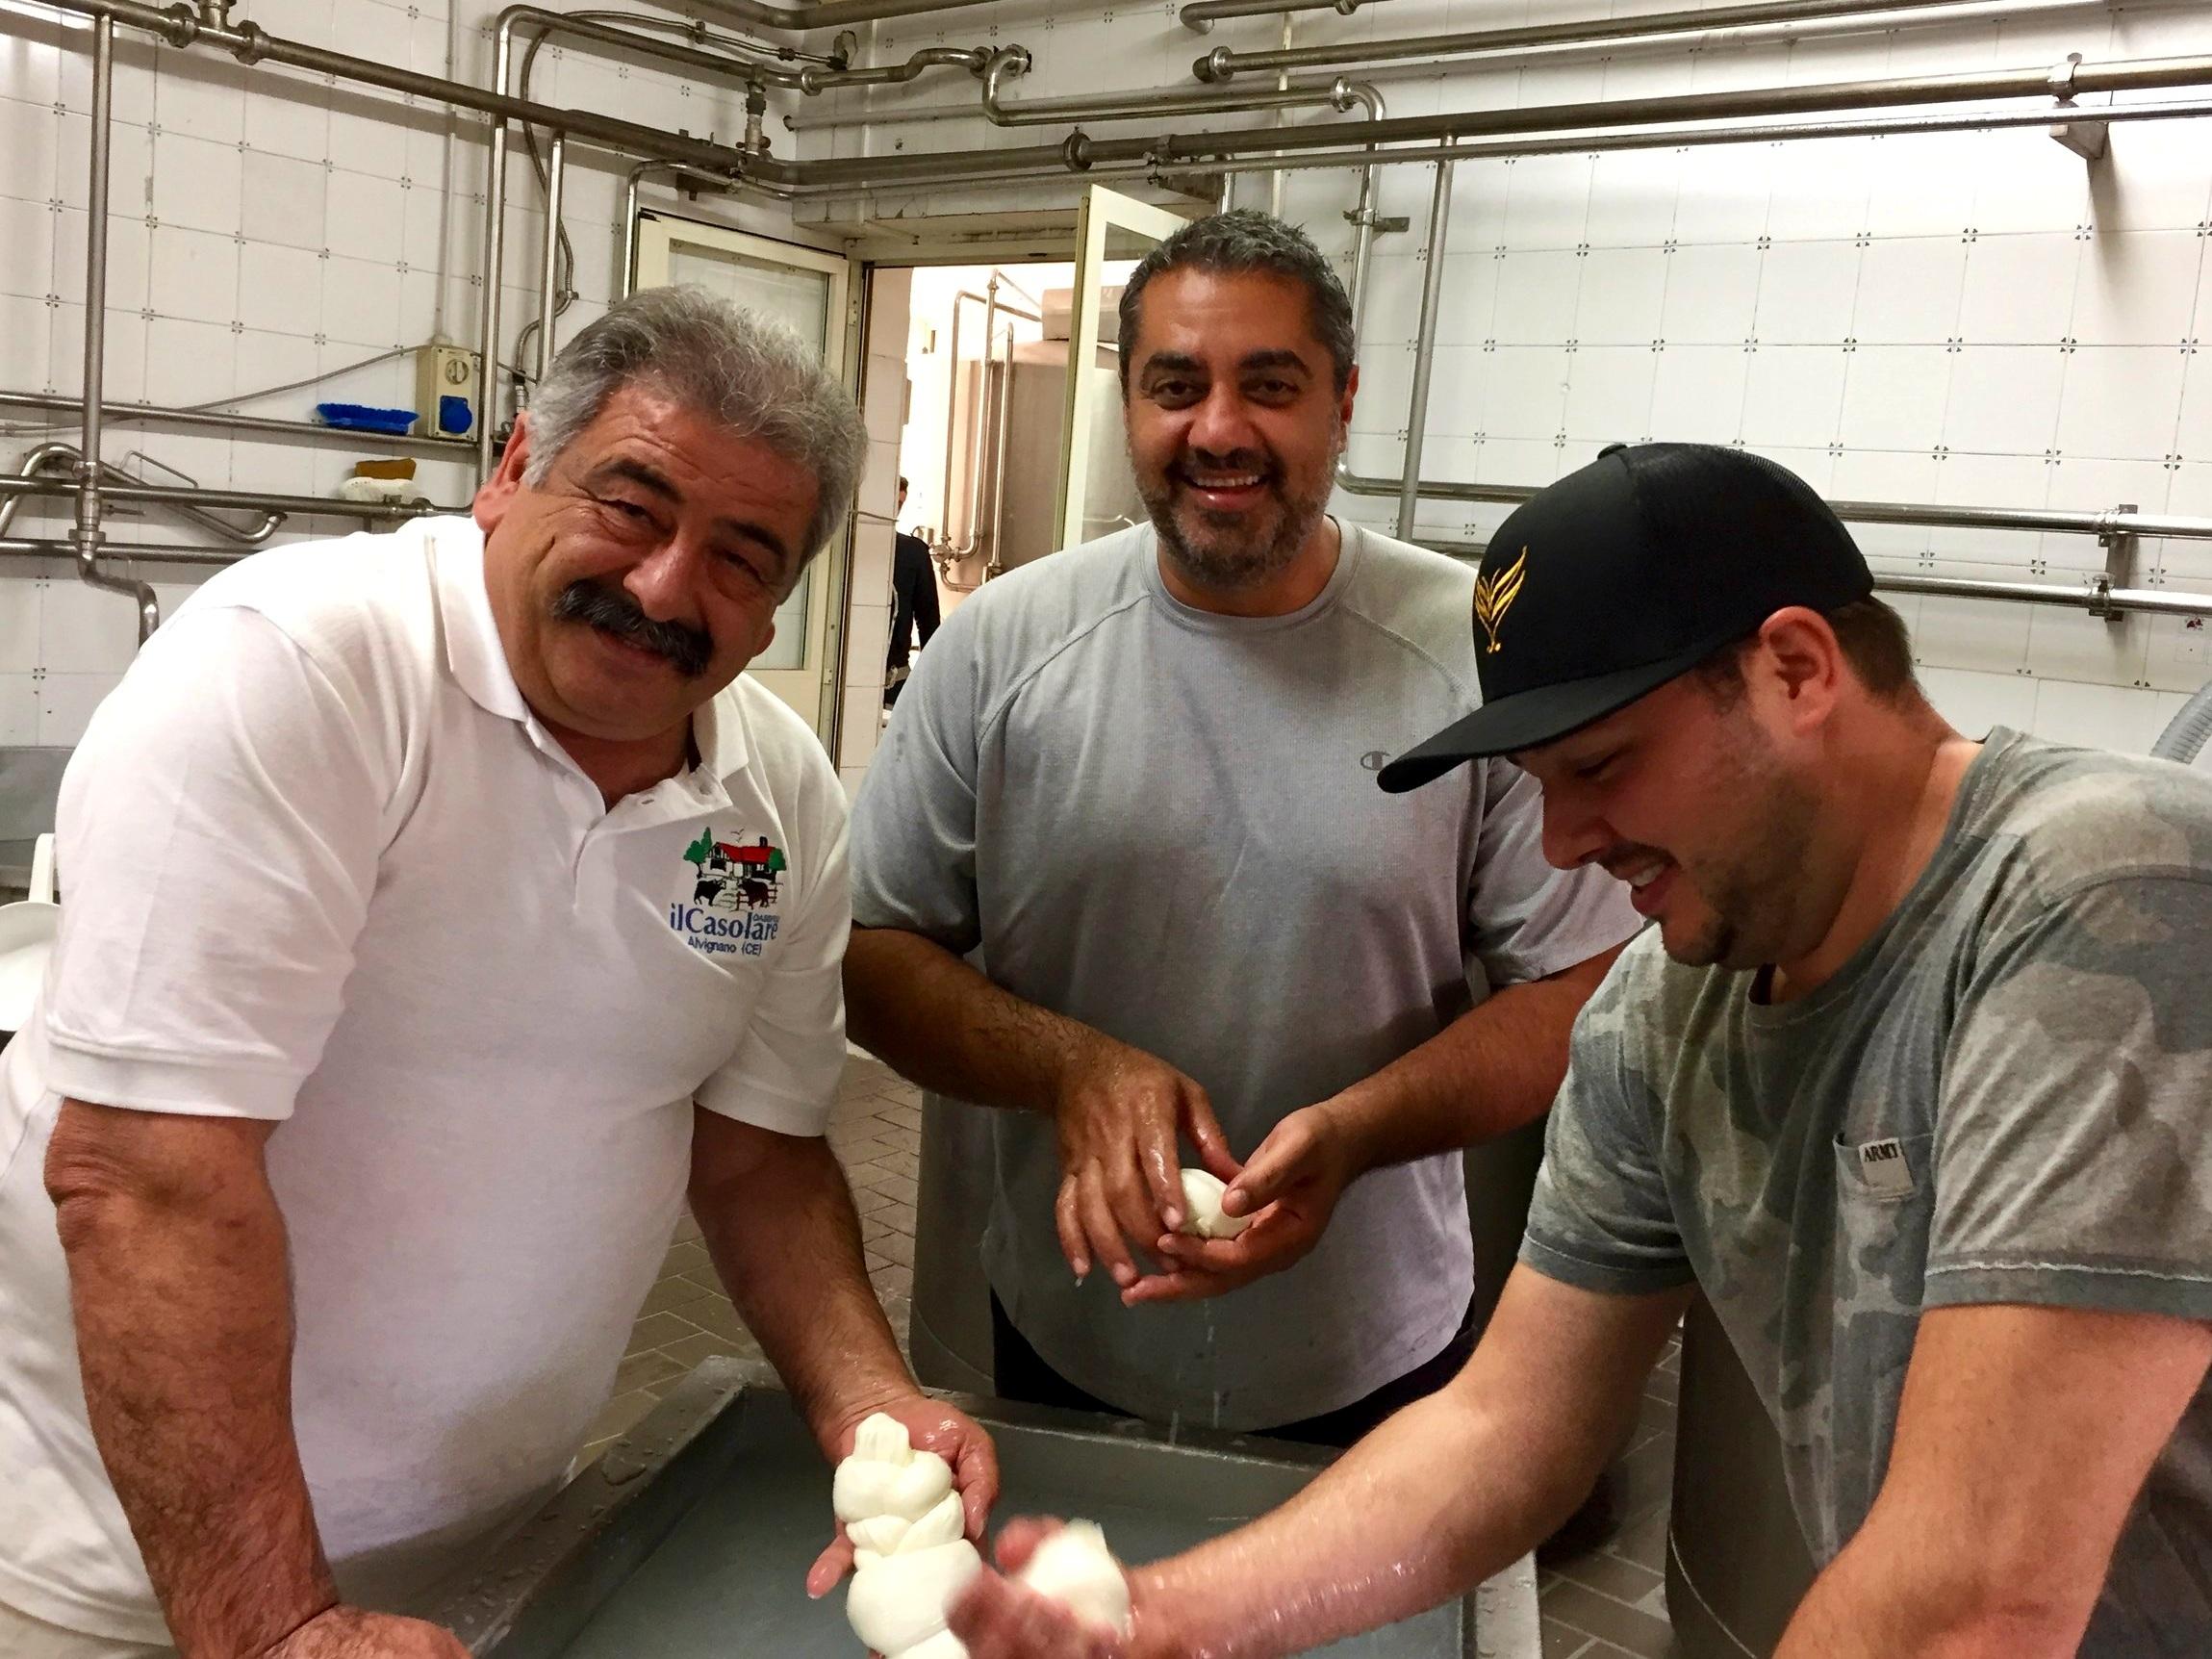 The making of mozzarella - Michael Mina, Adam Sobel, Mimmo La Vecchia